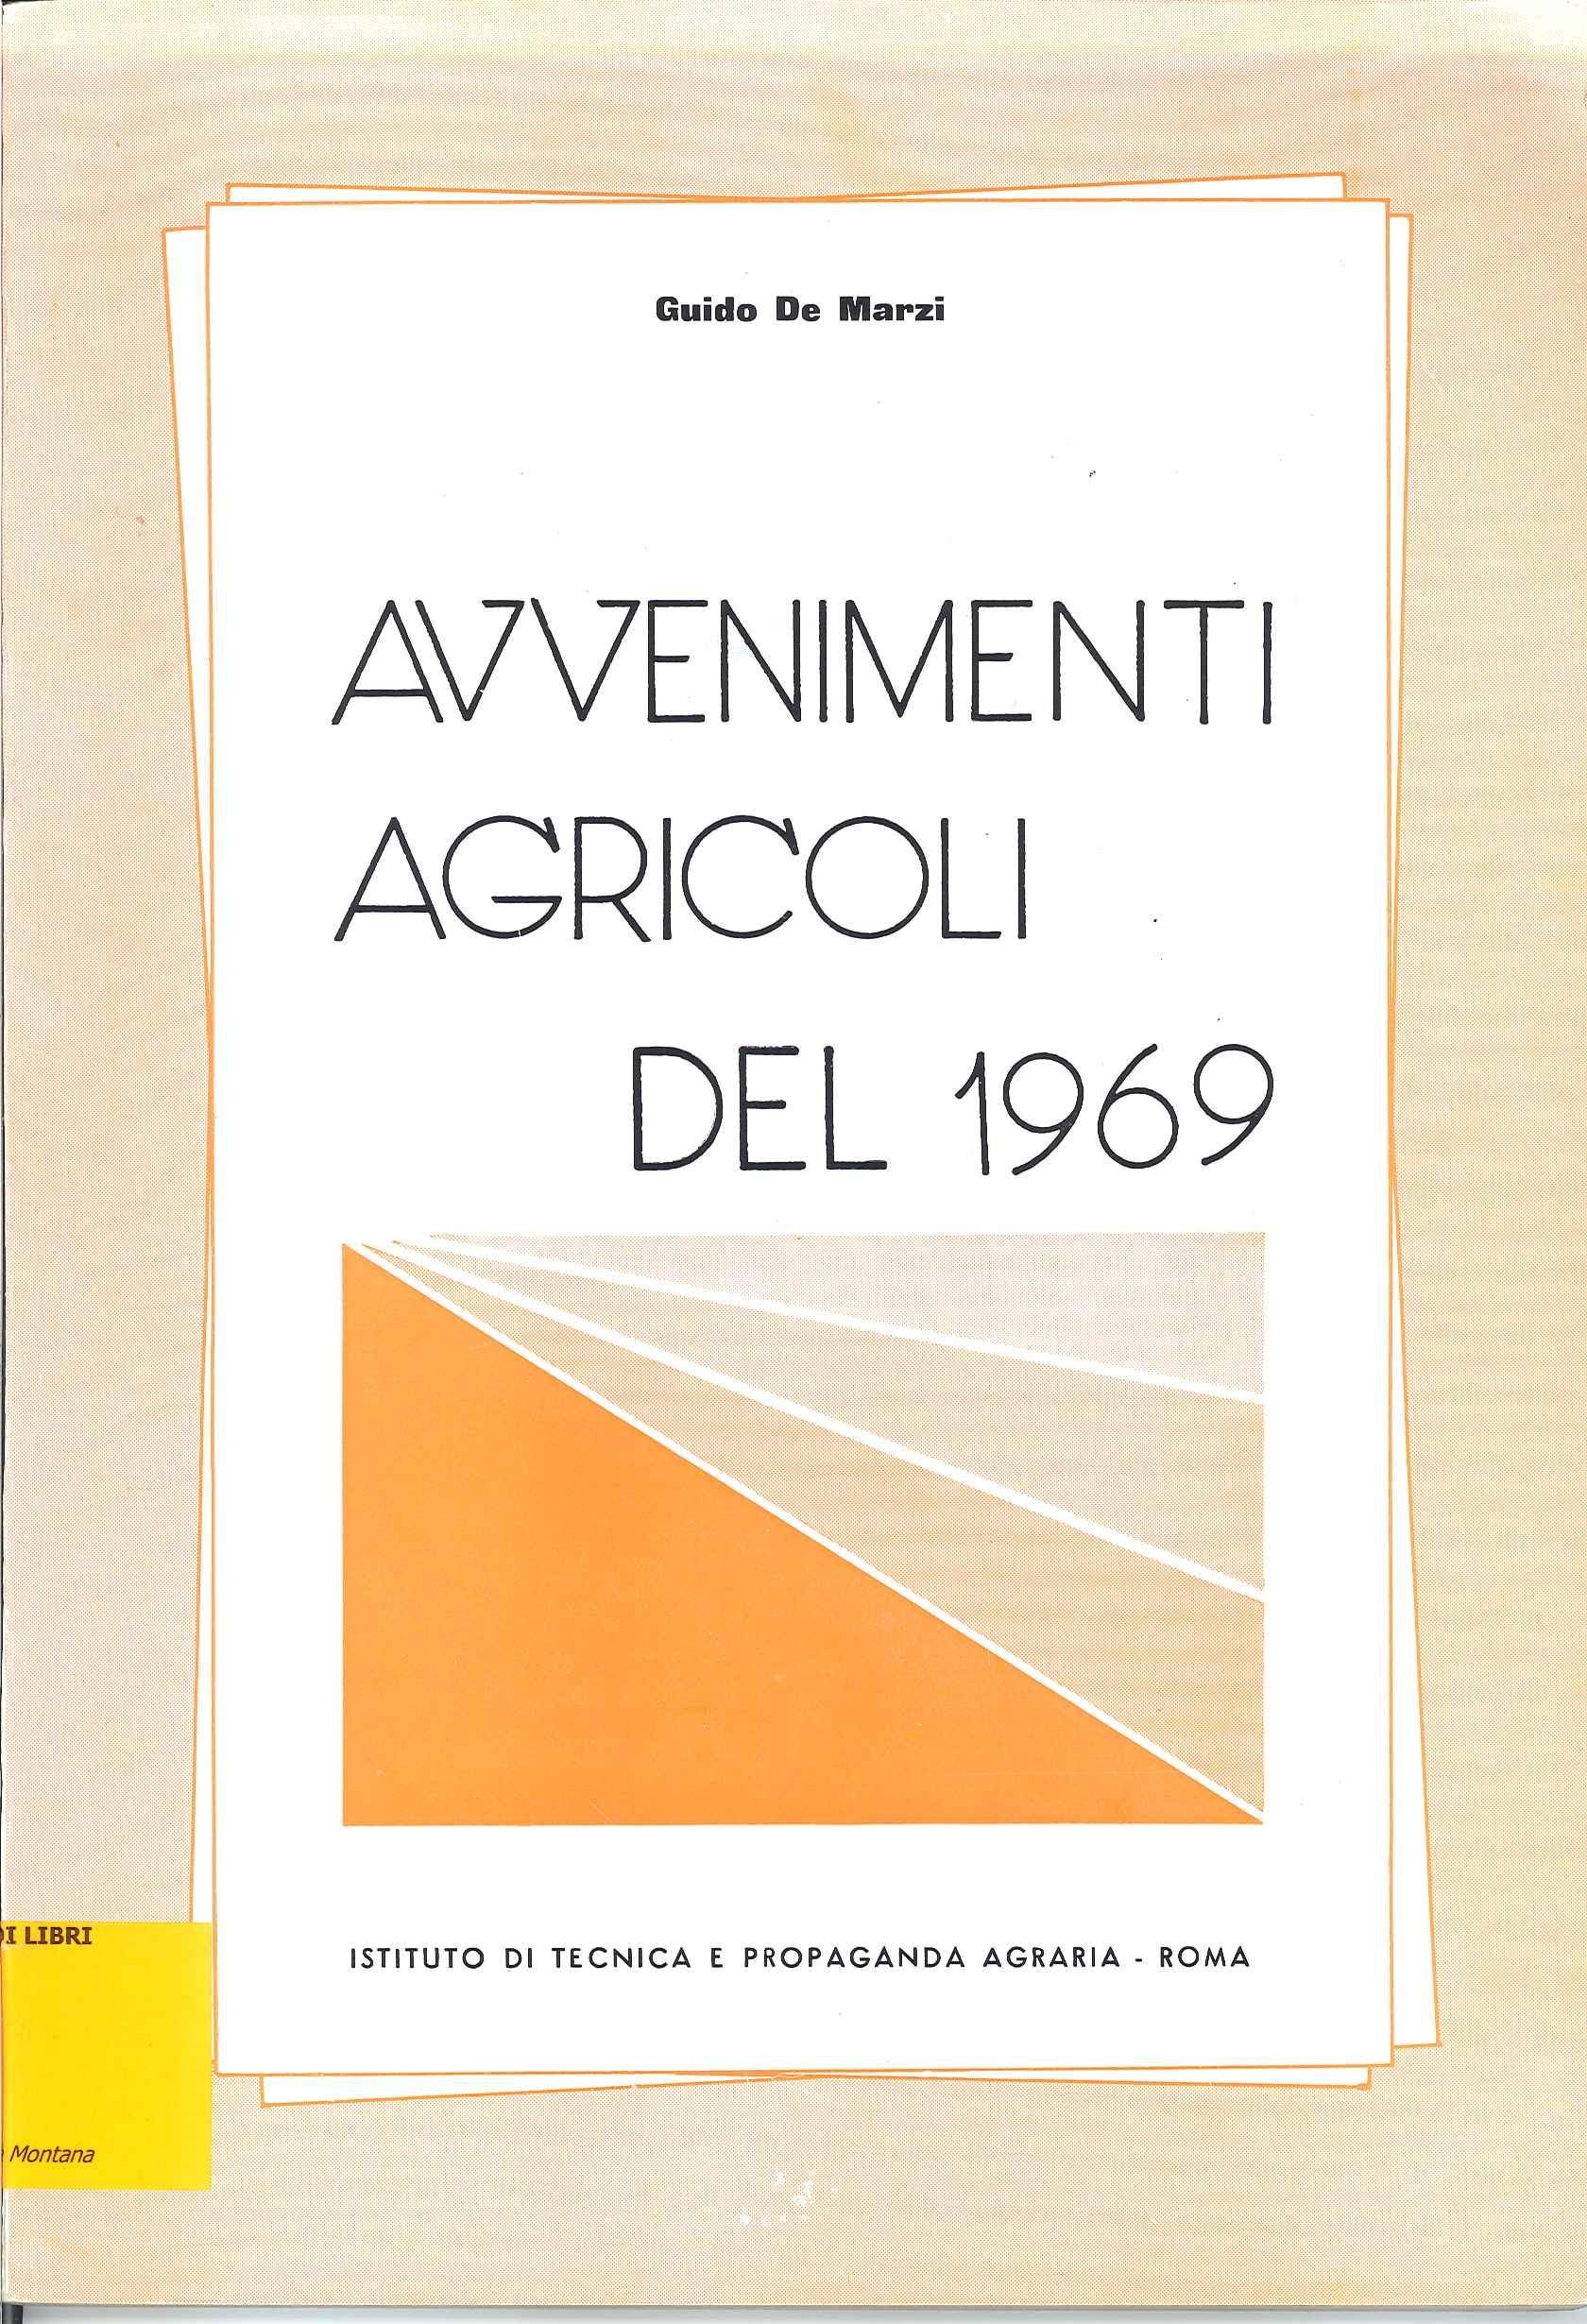 Avvenimenti agricoli del 1969